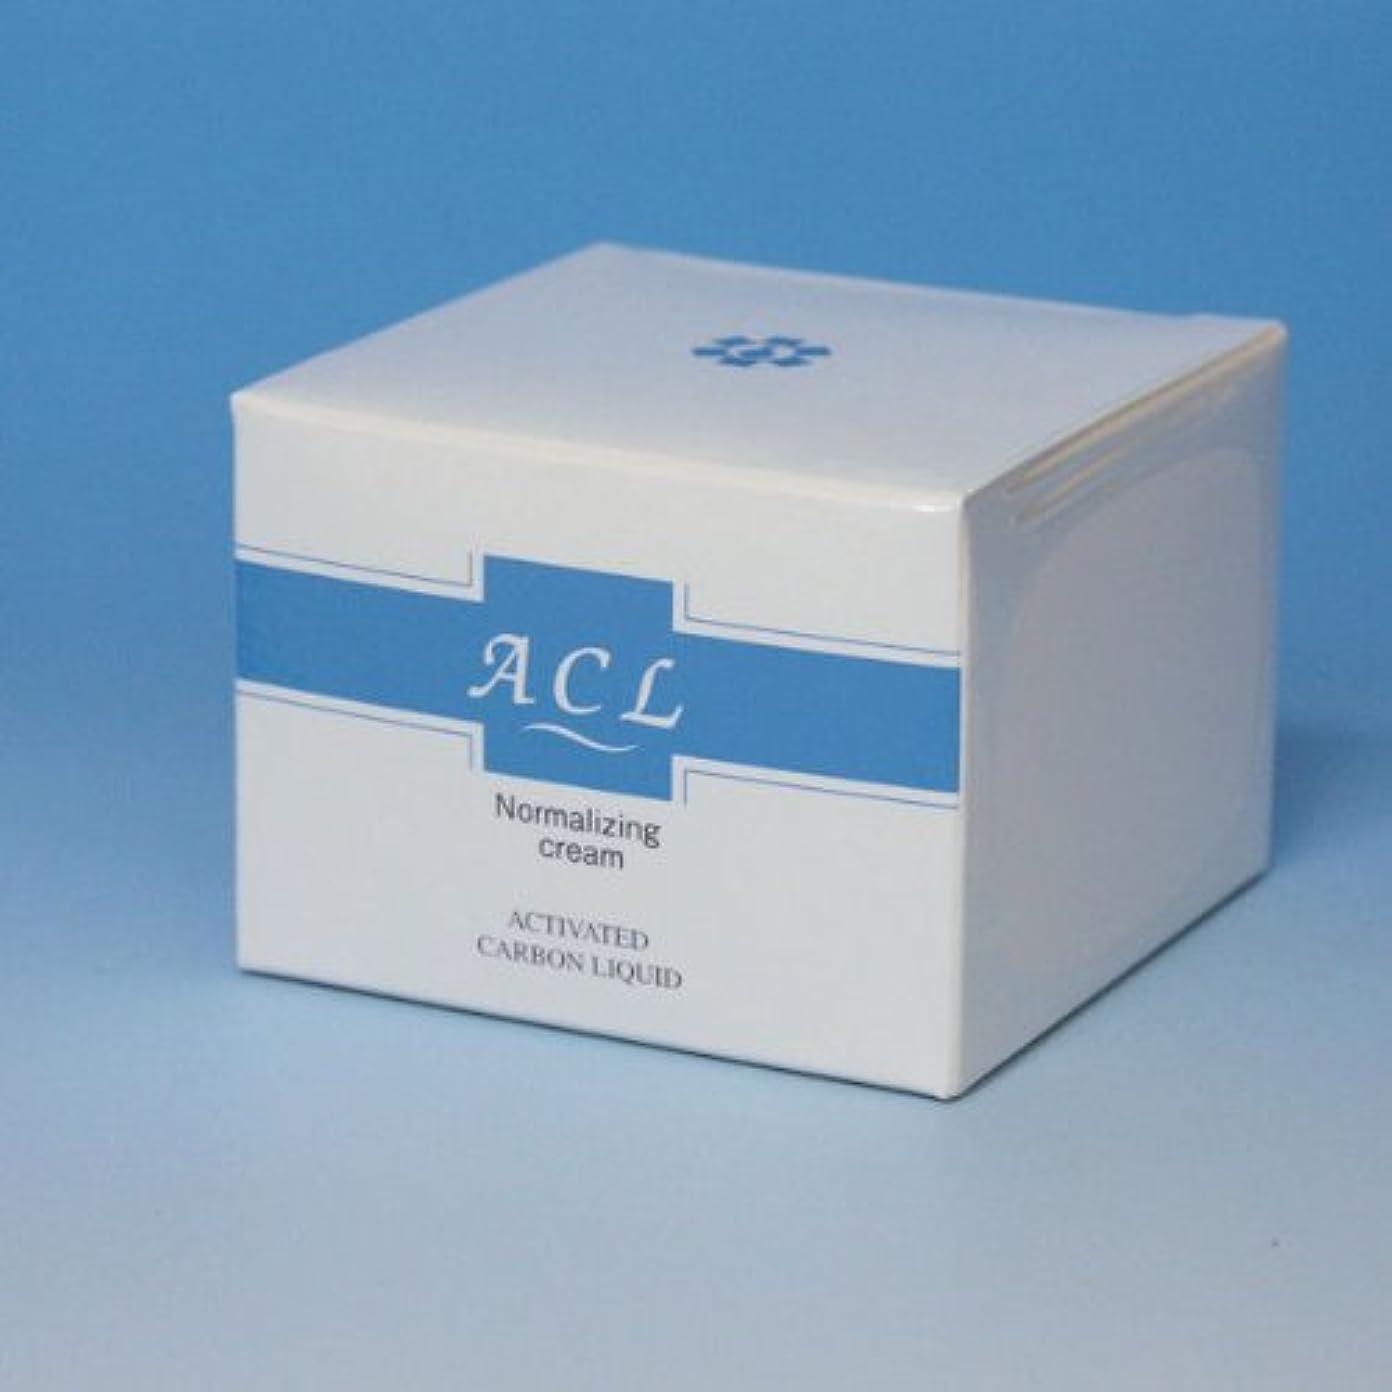 債務武器鉱夫【日邦薬品】ACLノーマライジングクリーム 30g